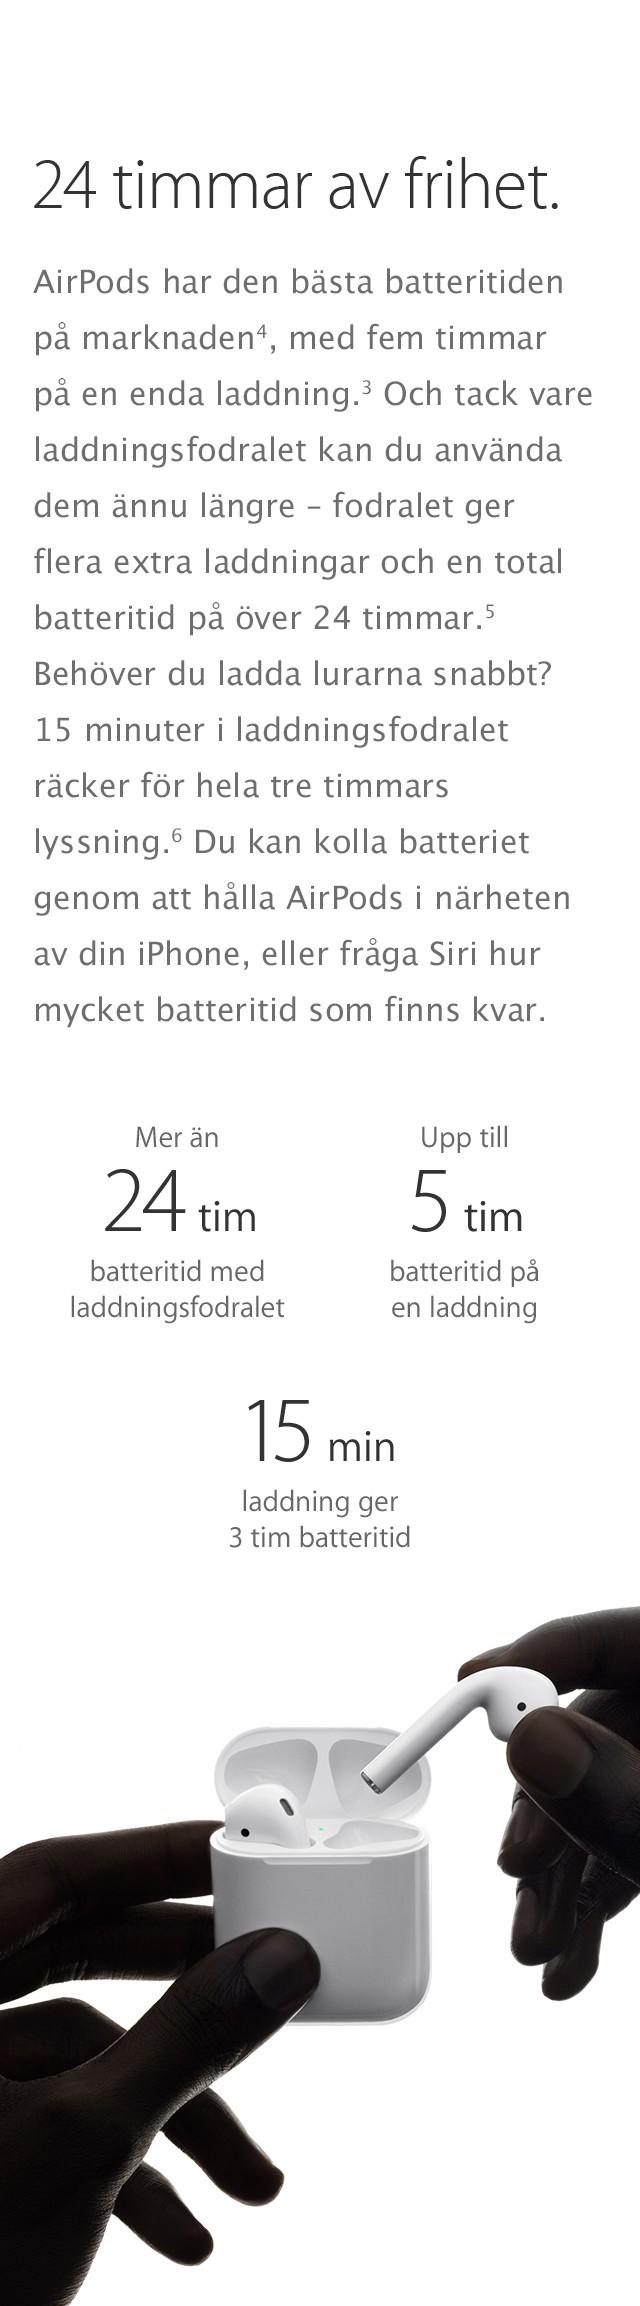 Otrolig batteritid